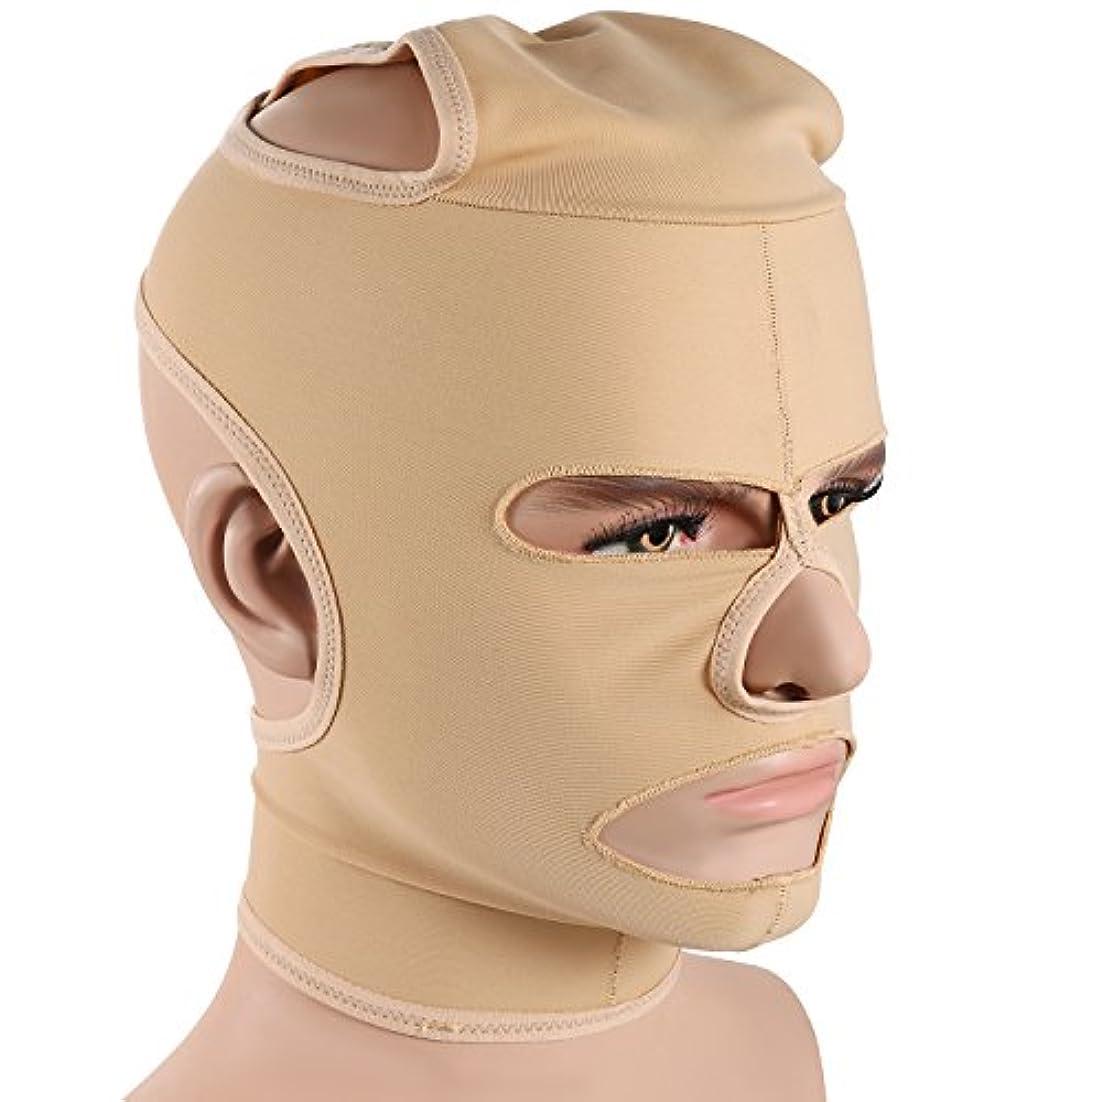 資格情報マティス合併JewelryWe 小顔補正マスク 小顔ベルト 法令線予防 シワ防止 美顔 額、顎下、頬リフトアップ 男女兼用 Lサイズ